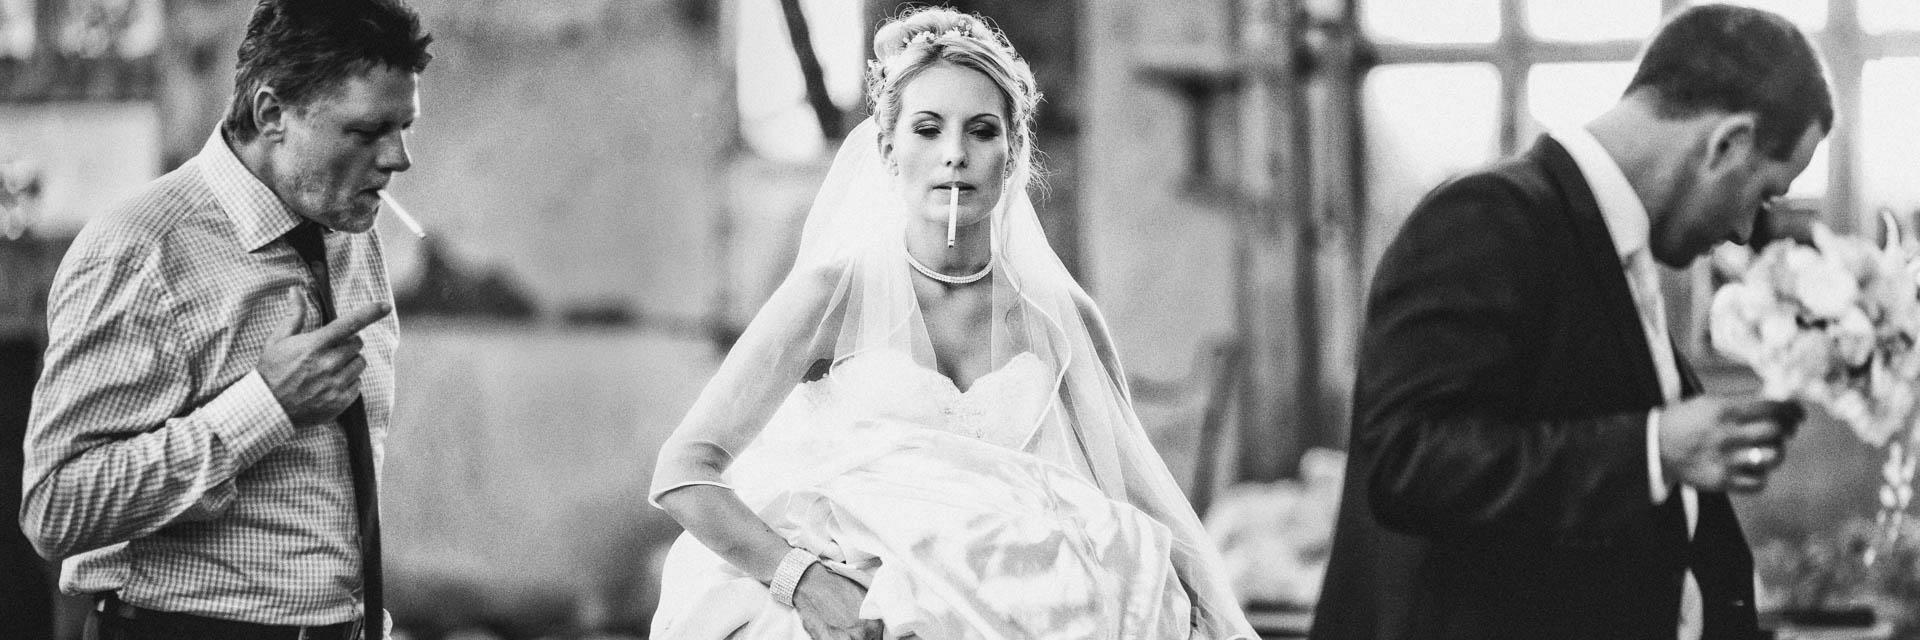 Hochzeitsfotografie Angebote & Preise